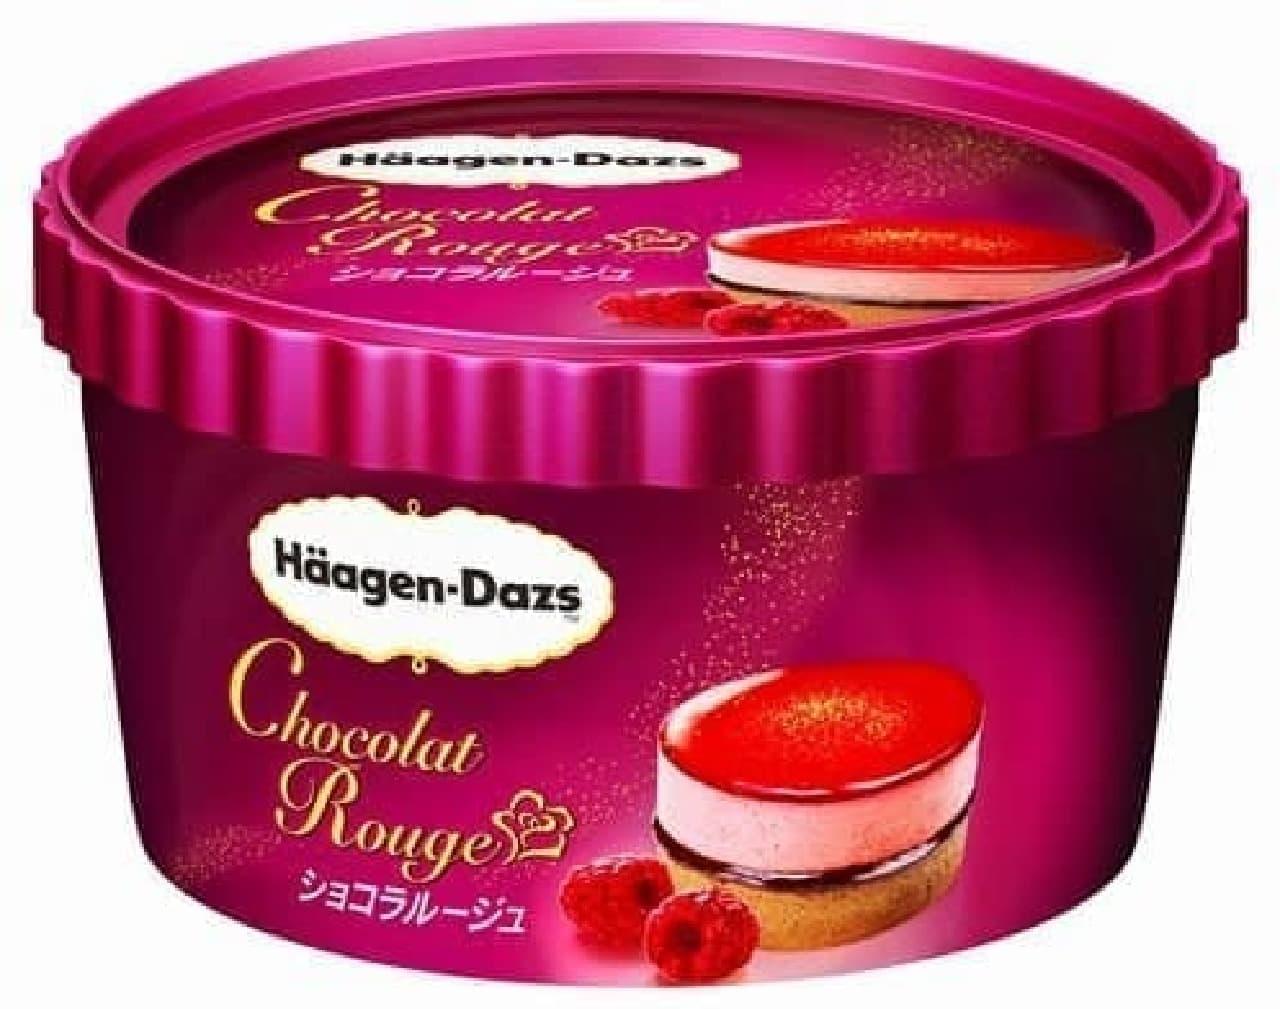 セブンイレブン限定のアイスクリーム『ショコラルージュ』